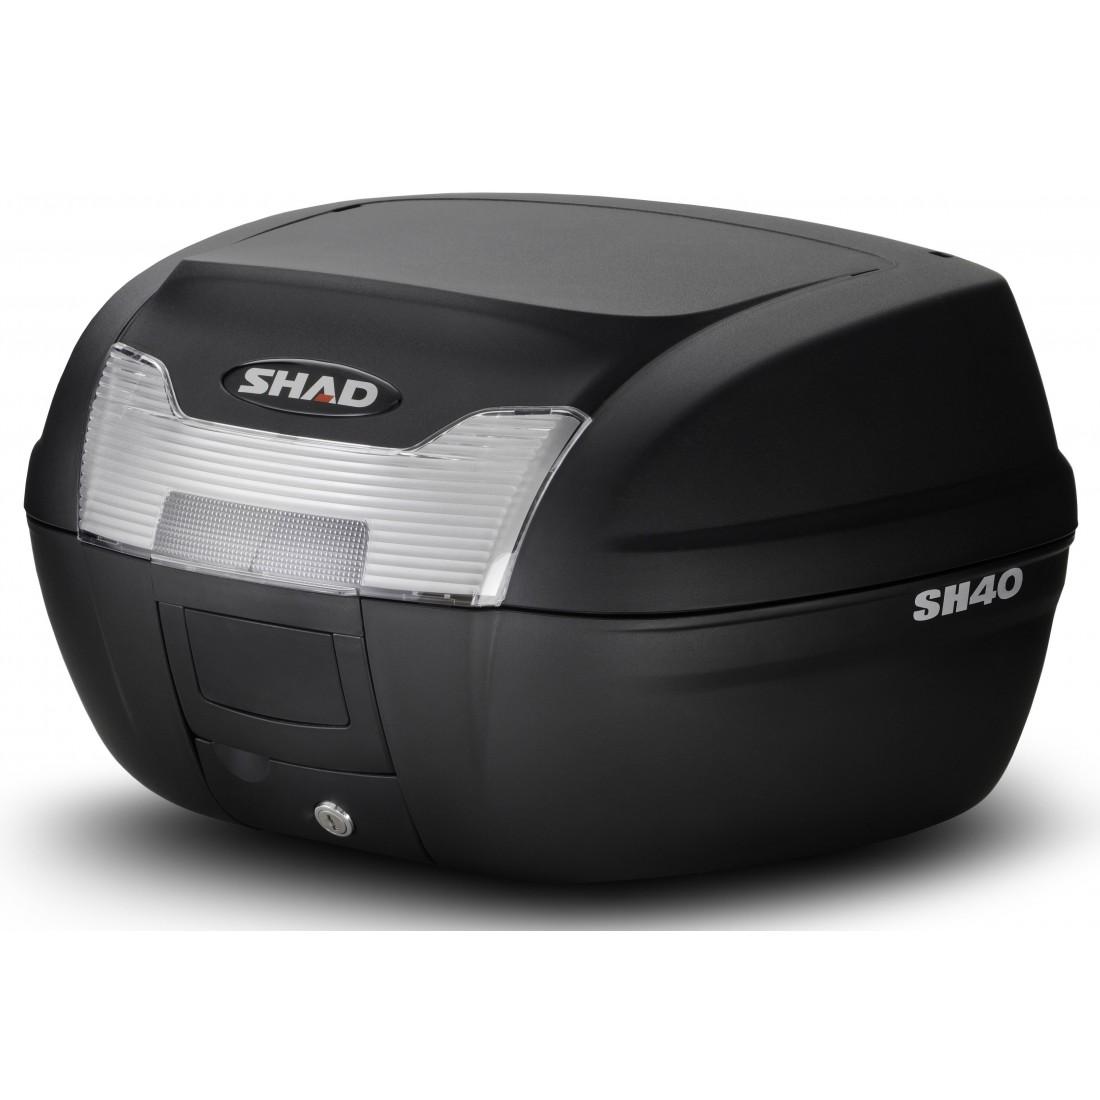 Baúl Shad SH40 40lt Negro